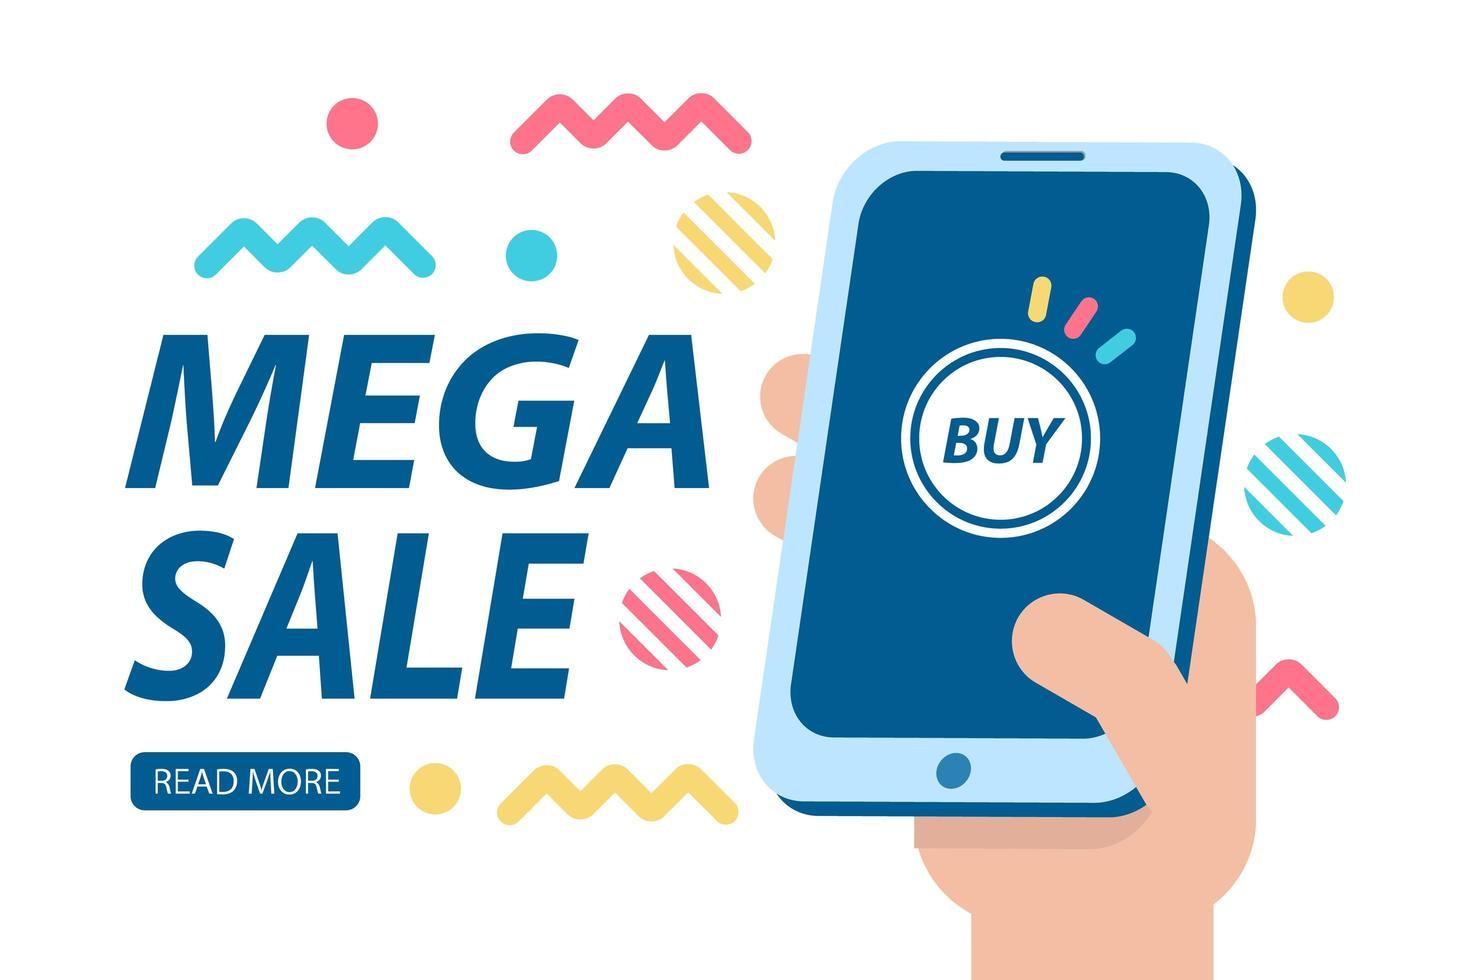 mega försäljningsbanner med telefon och geometriska former vektor